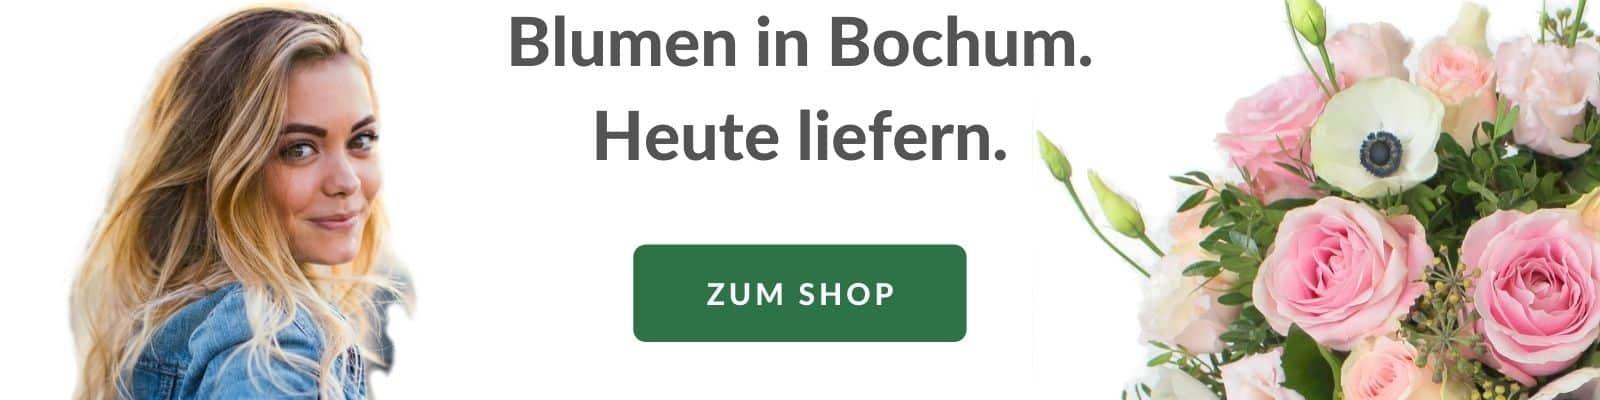 Blumen verschicken Bochum - Blumenversand